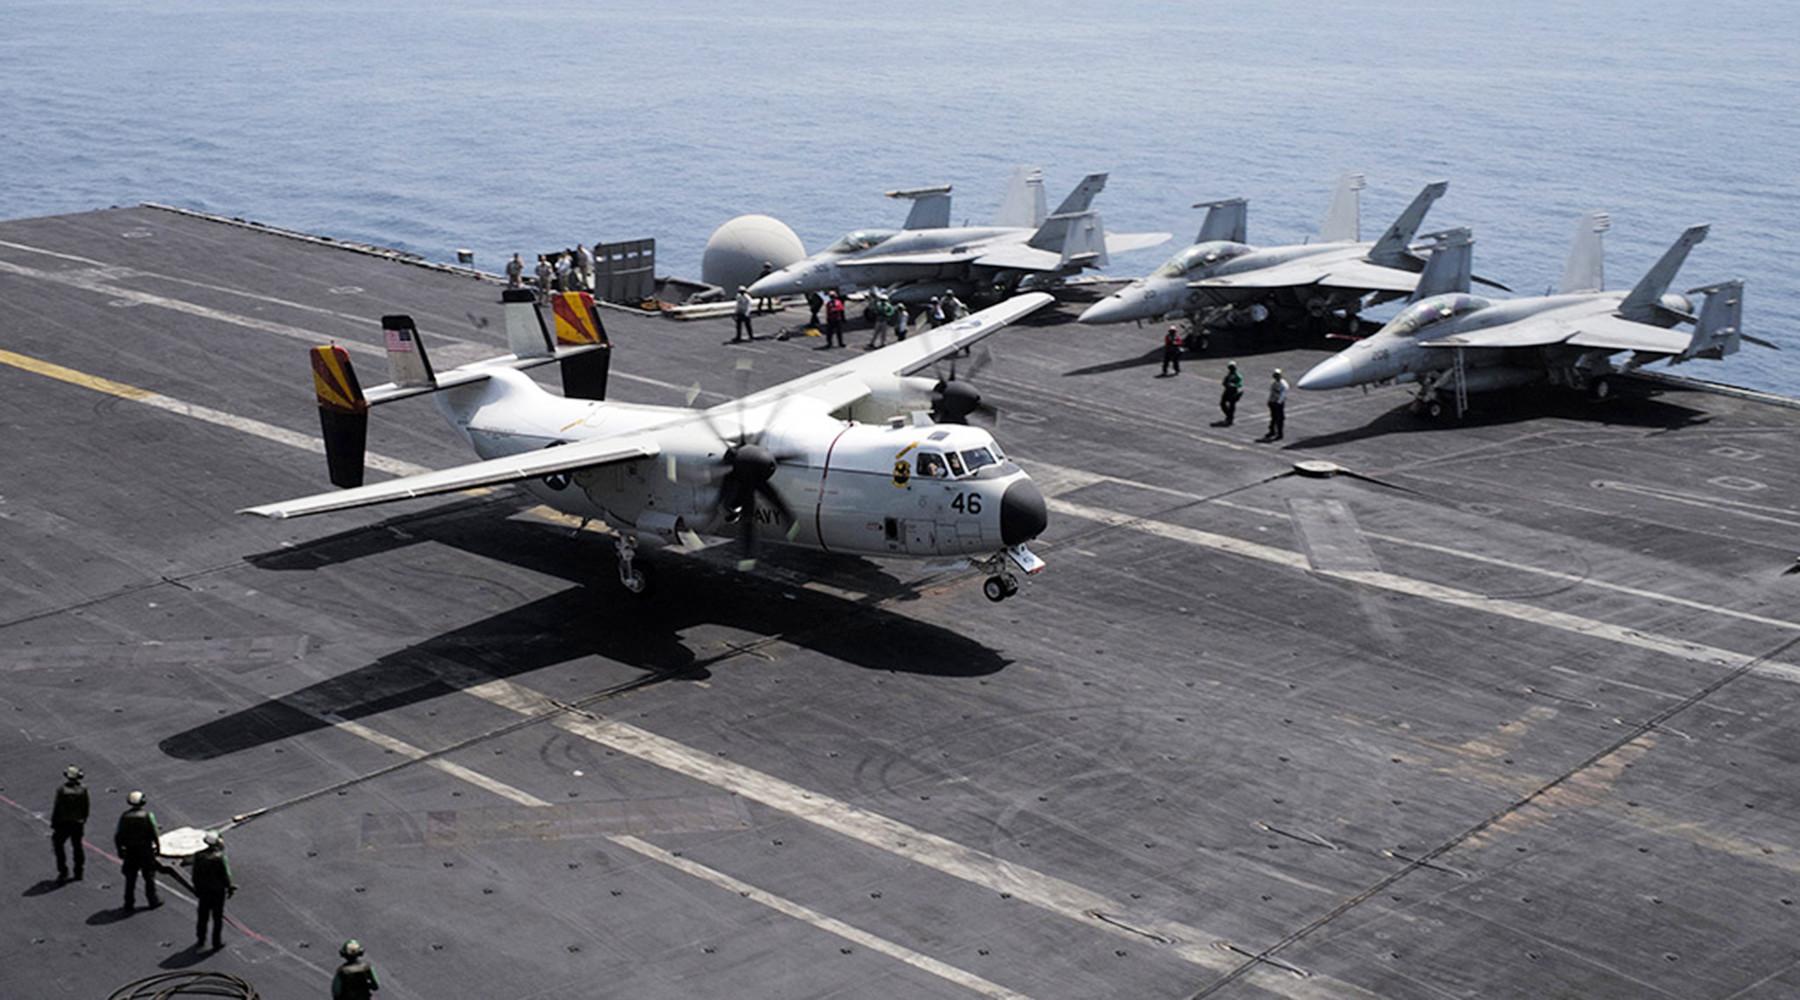 ВФилиппинском море случилось крушение самолета с военнослужащими США